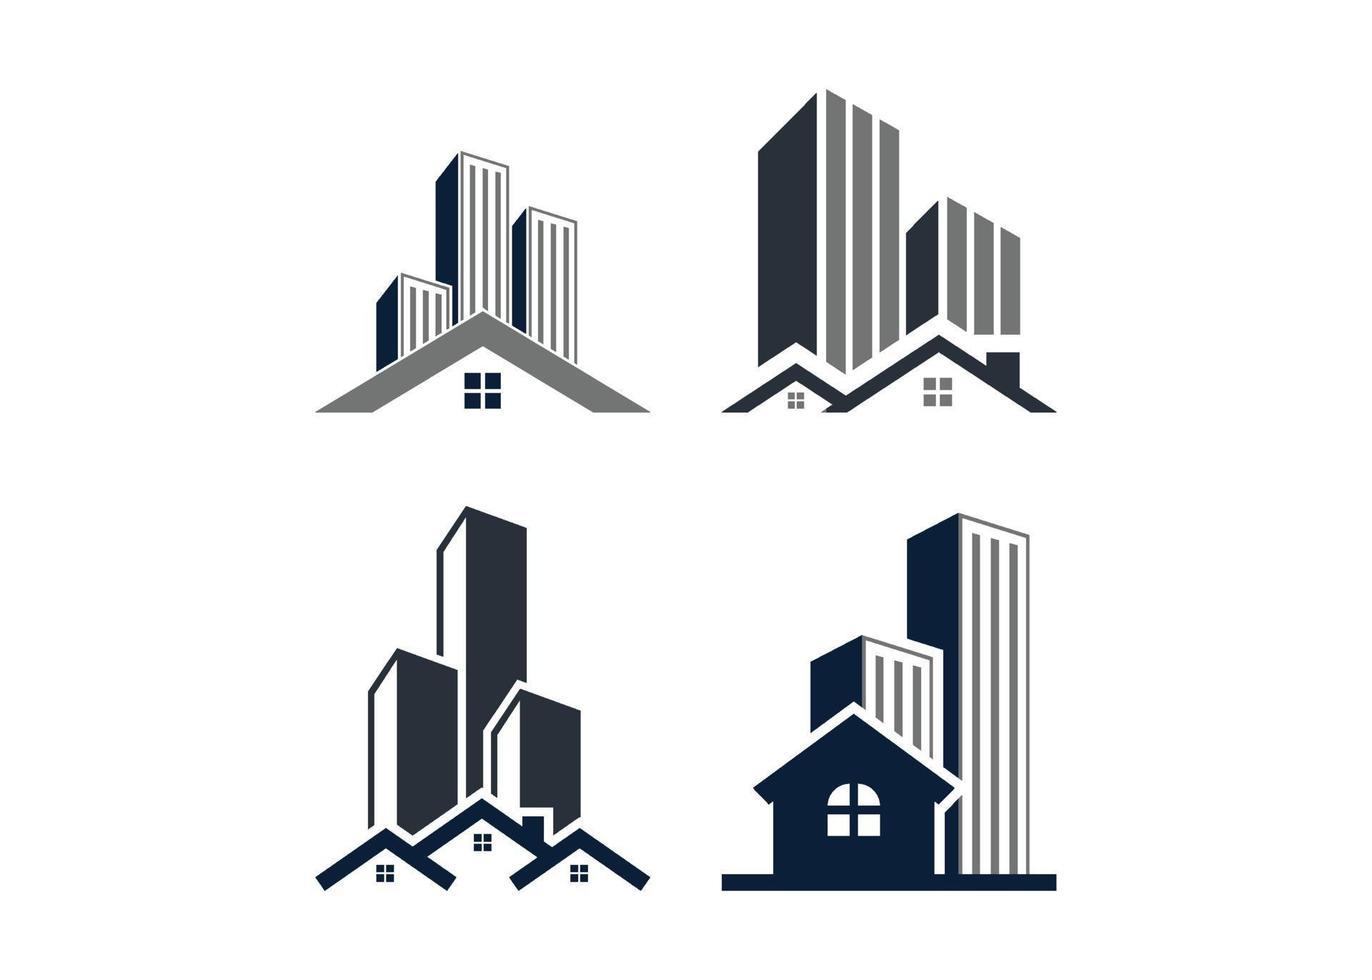 wolkenkrabber gebouw pictogram illustratie vector set